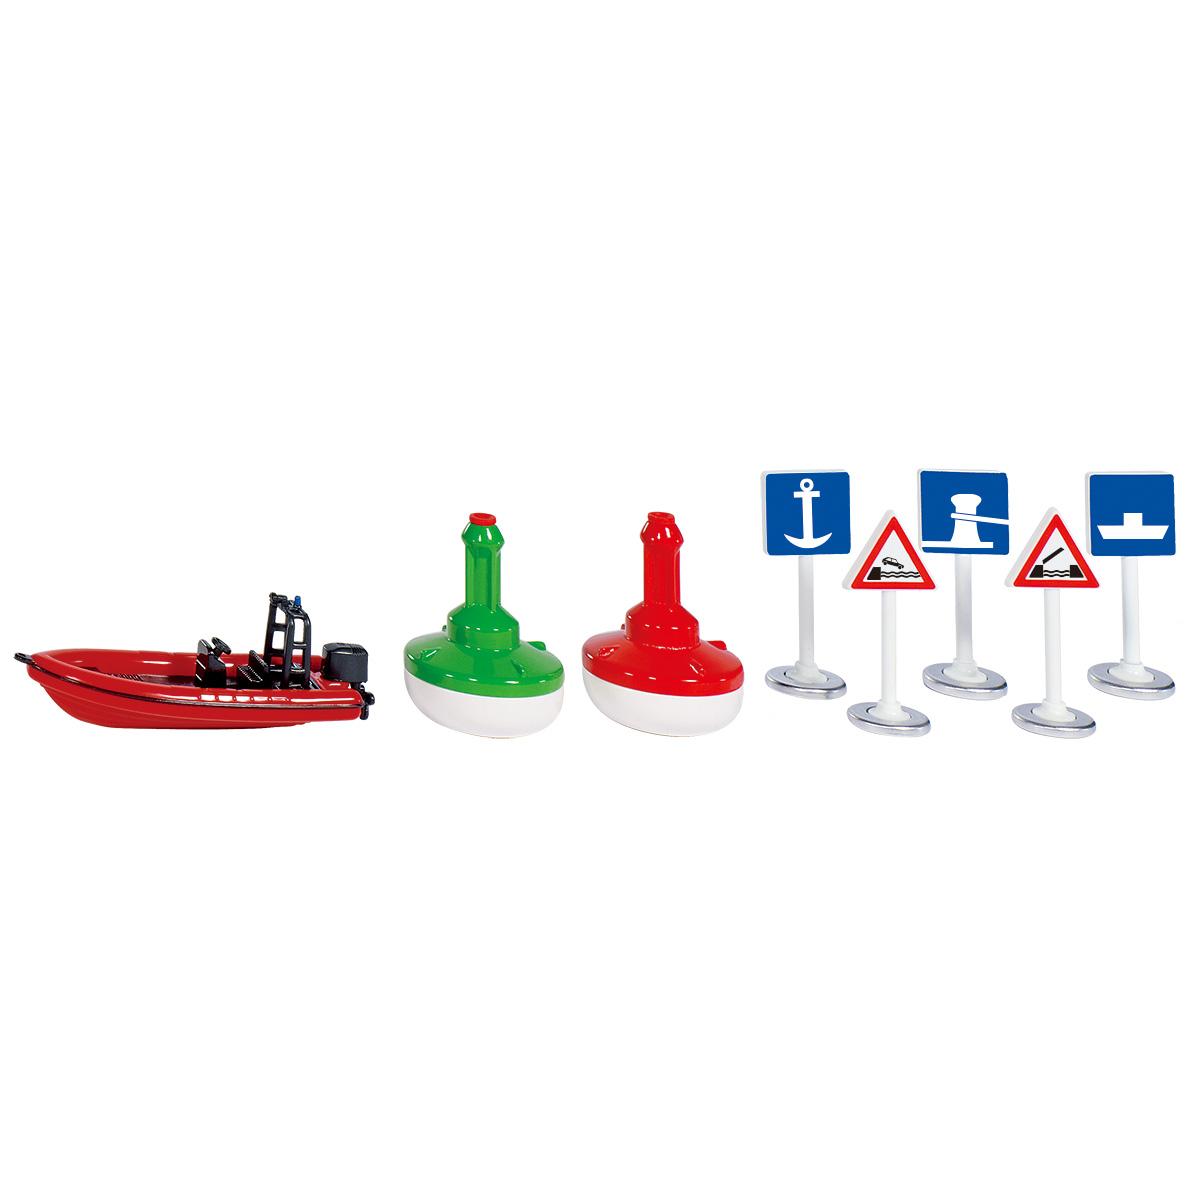 SIKU WORLD用アクセサリー 水上ボートセット(ジク・SIKU)